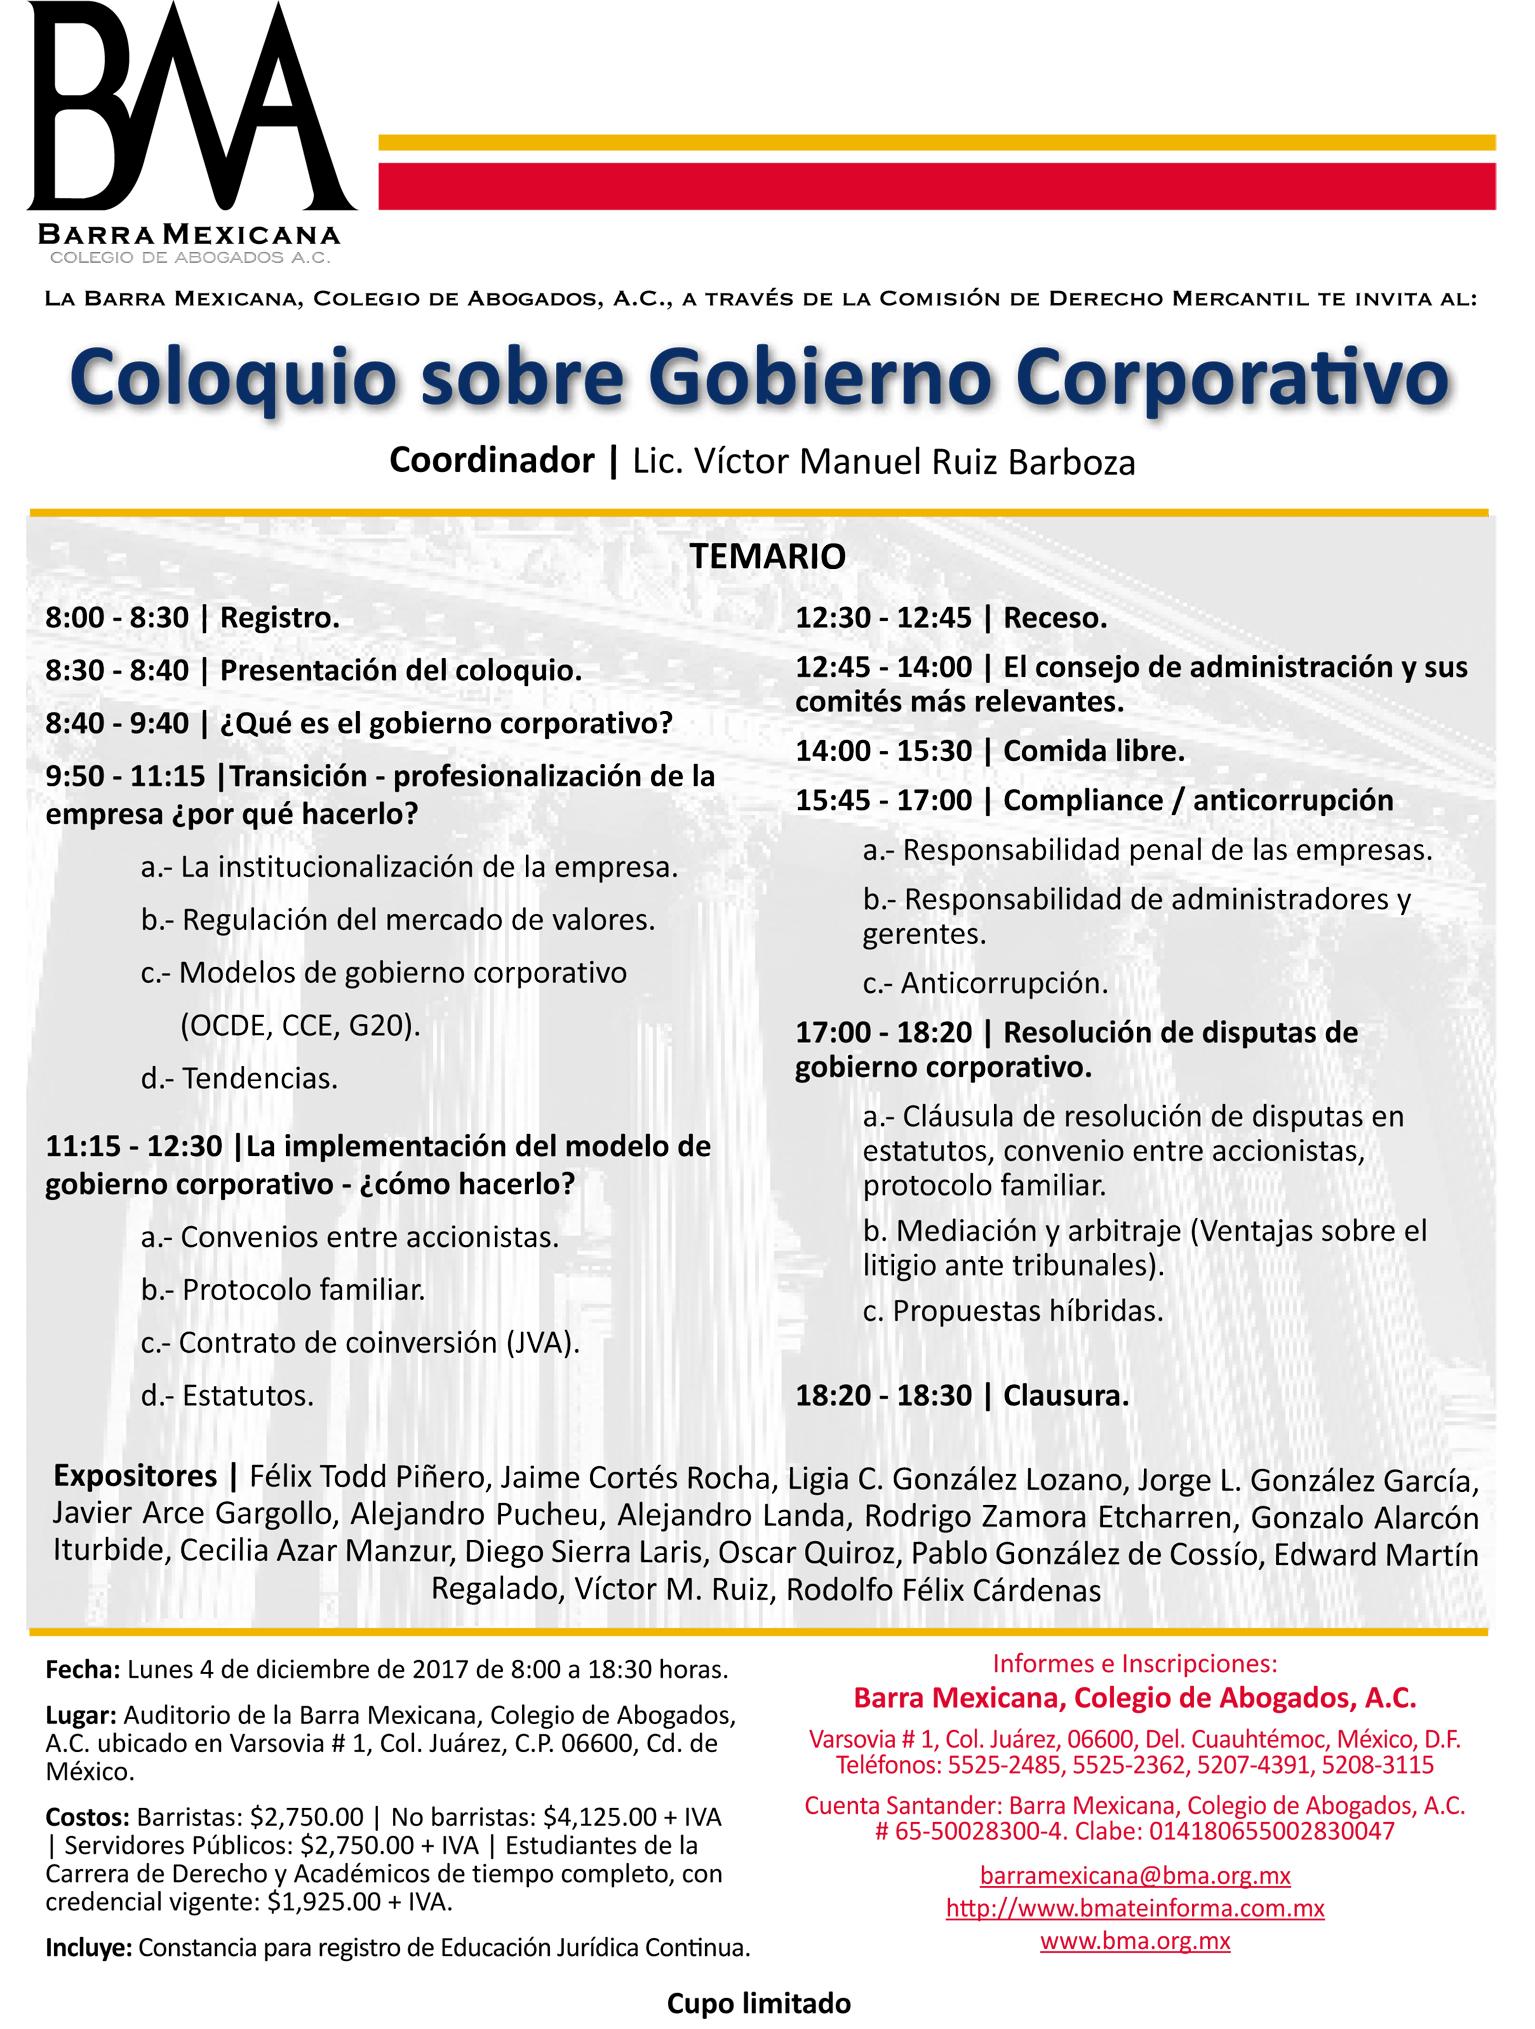 Coloquio-Gobierno-Corporativo.jpg